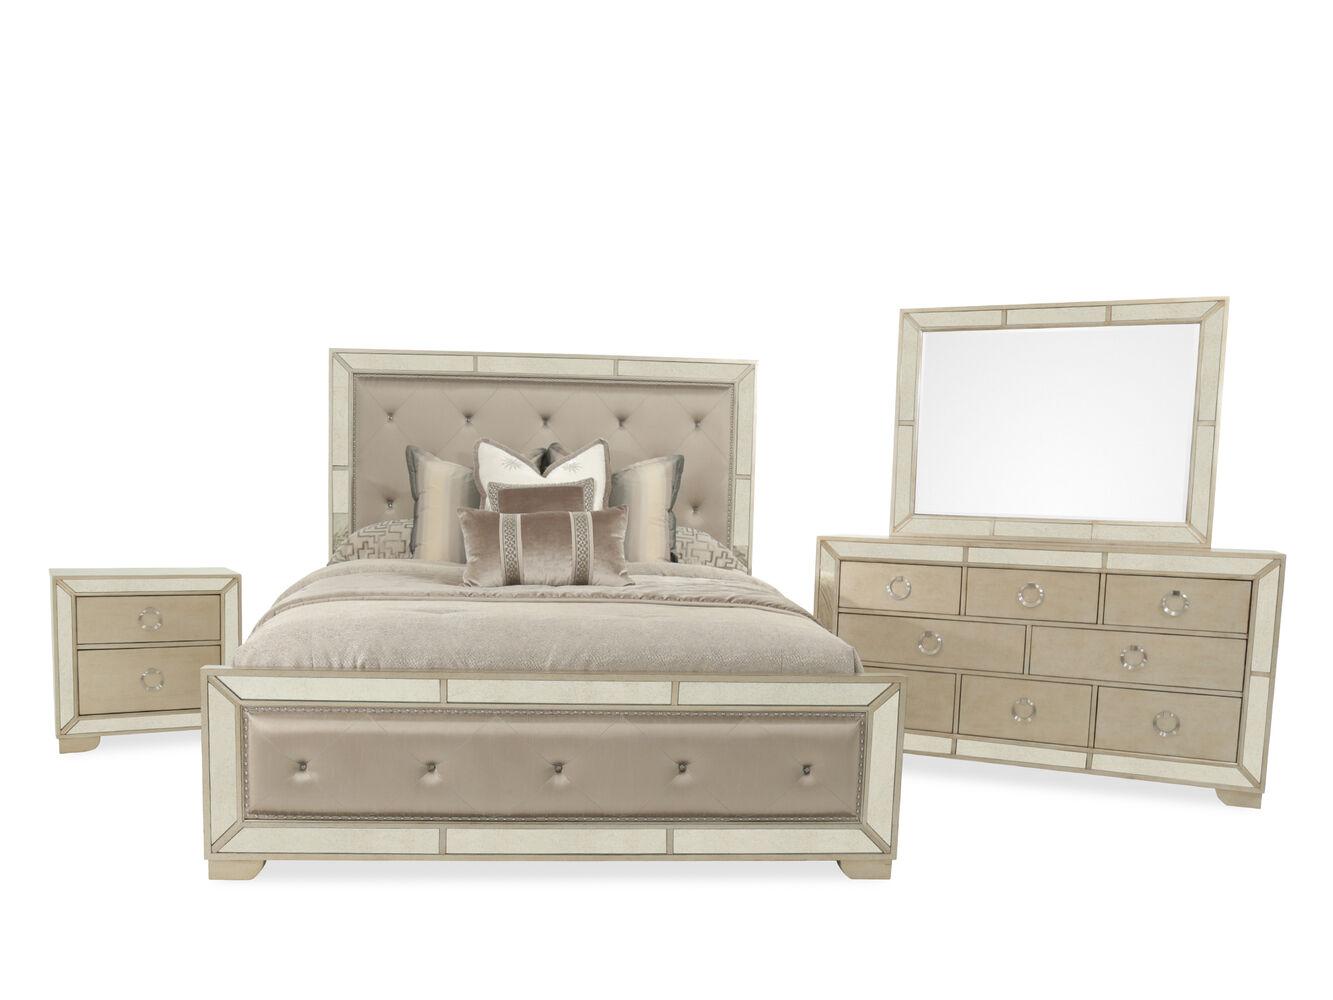 Pulaski Farrah Upholstered Queen Bedroom Suite